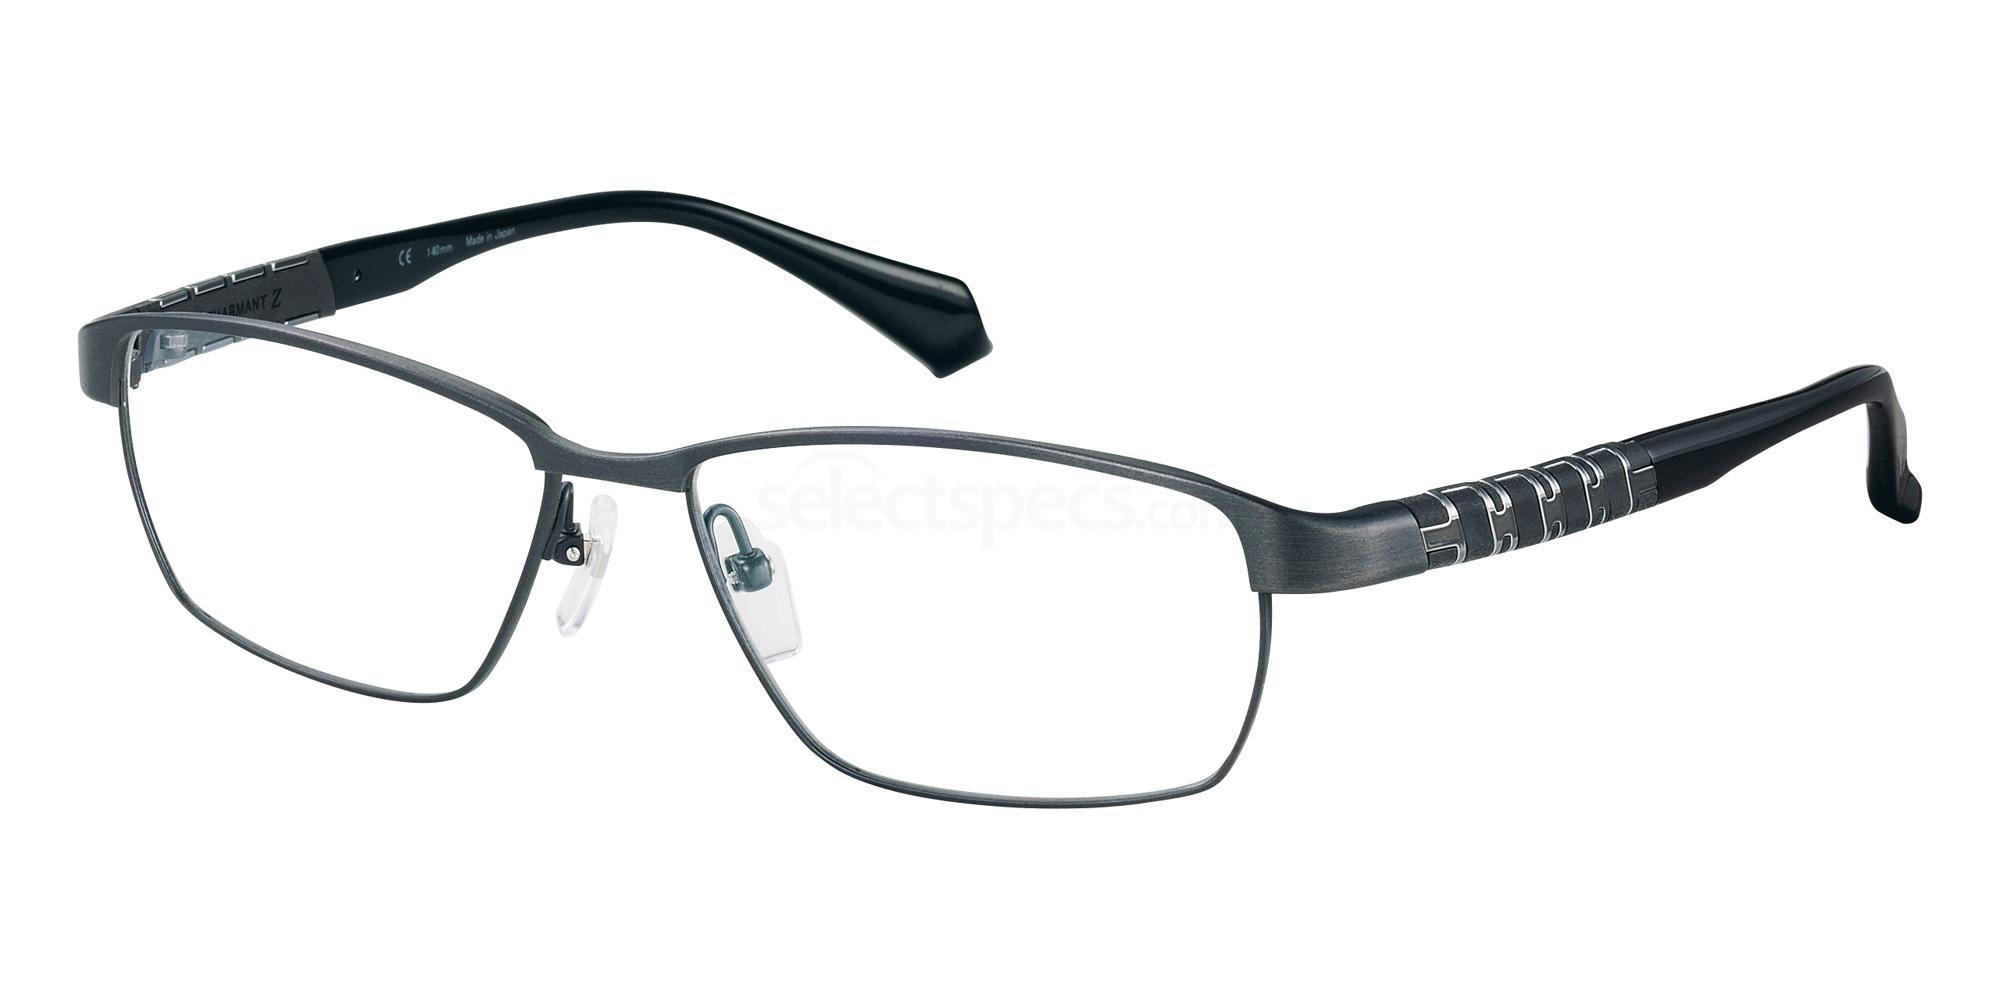 BK ZT19822 Glasses, Charmant Z